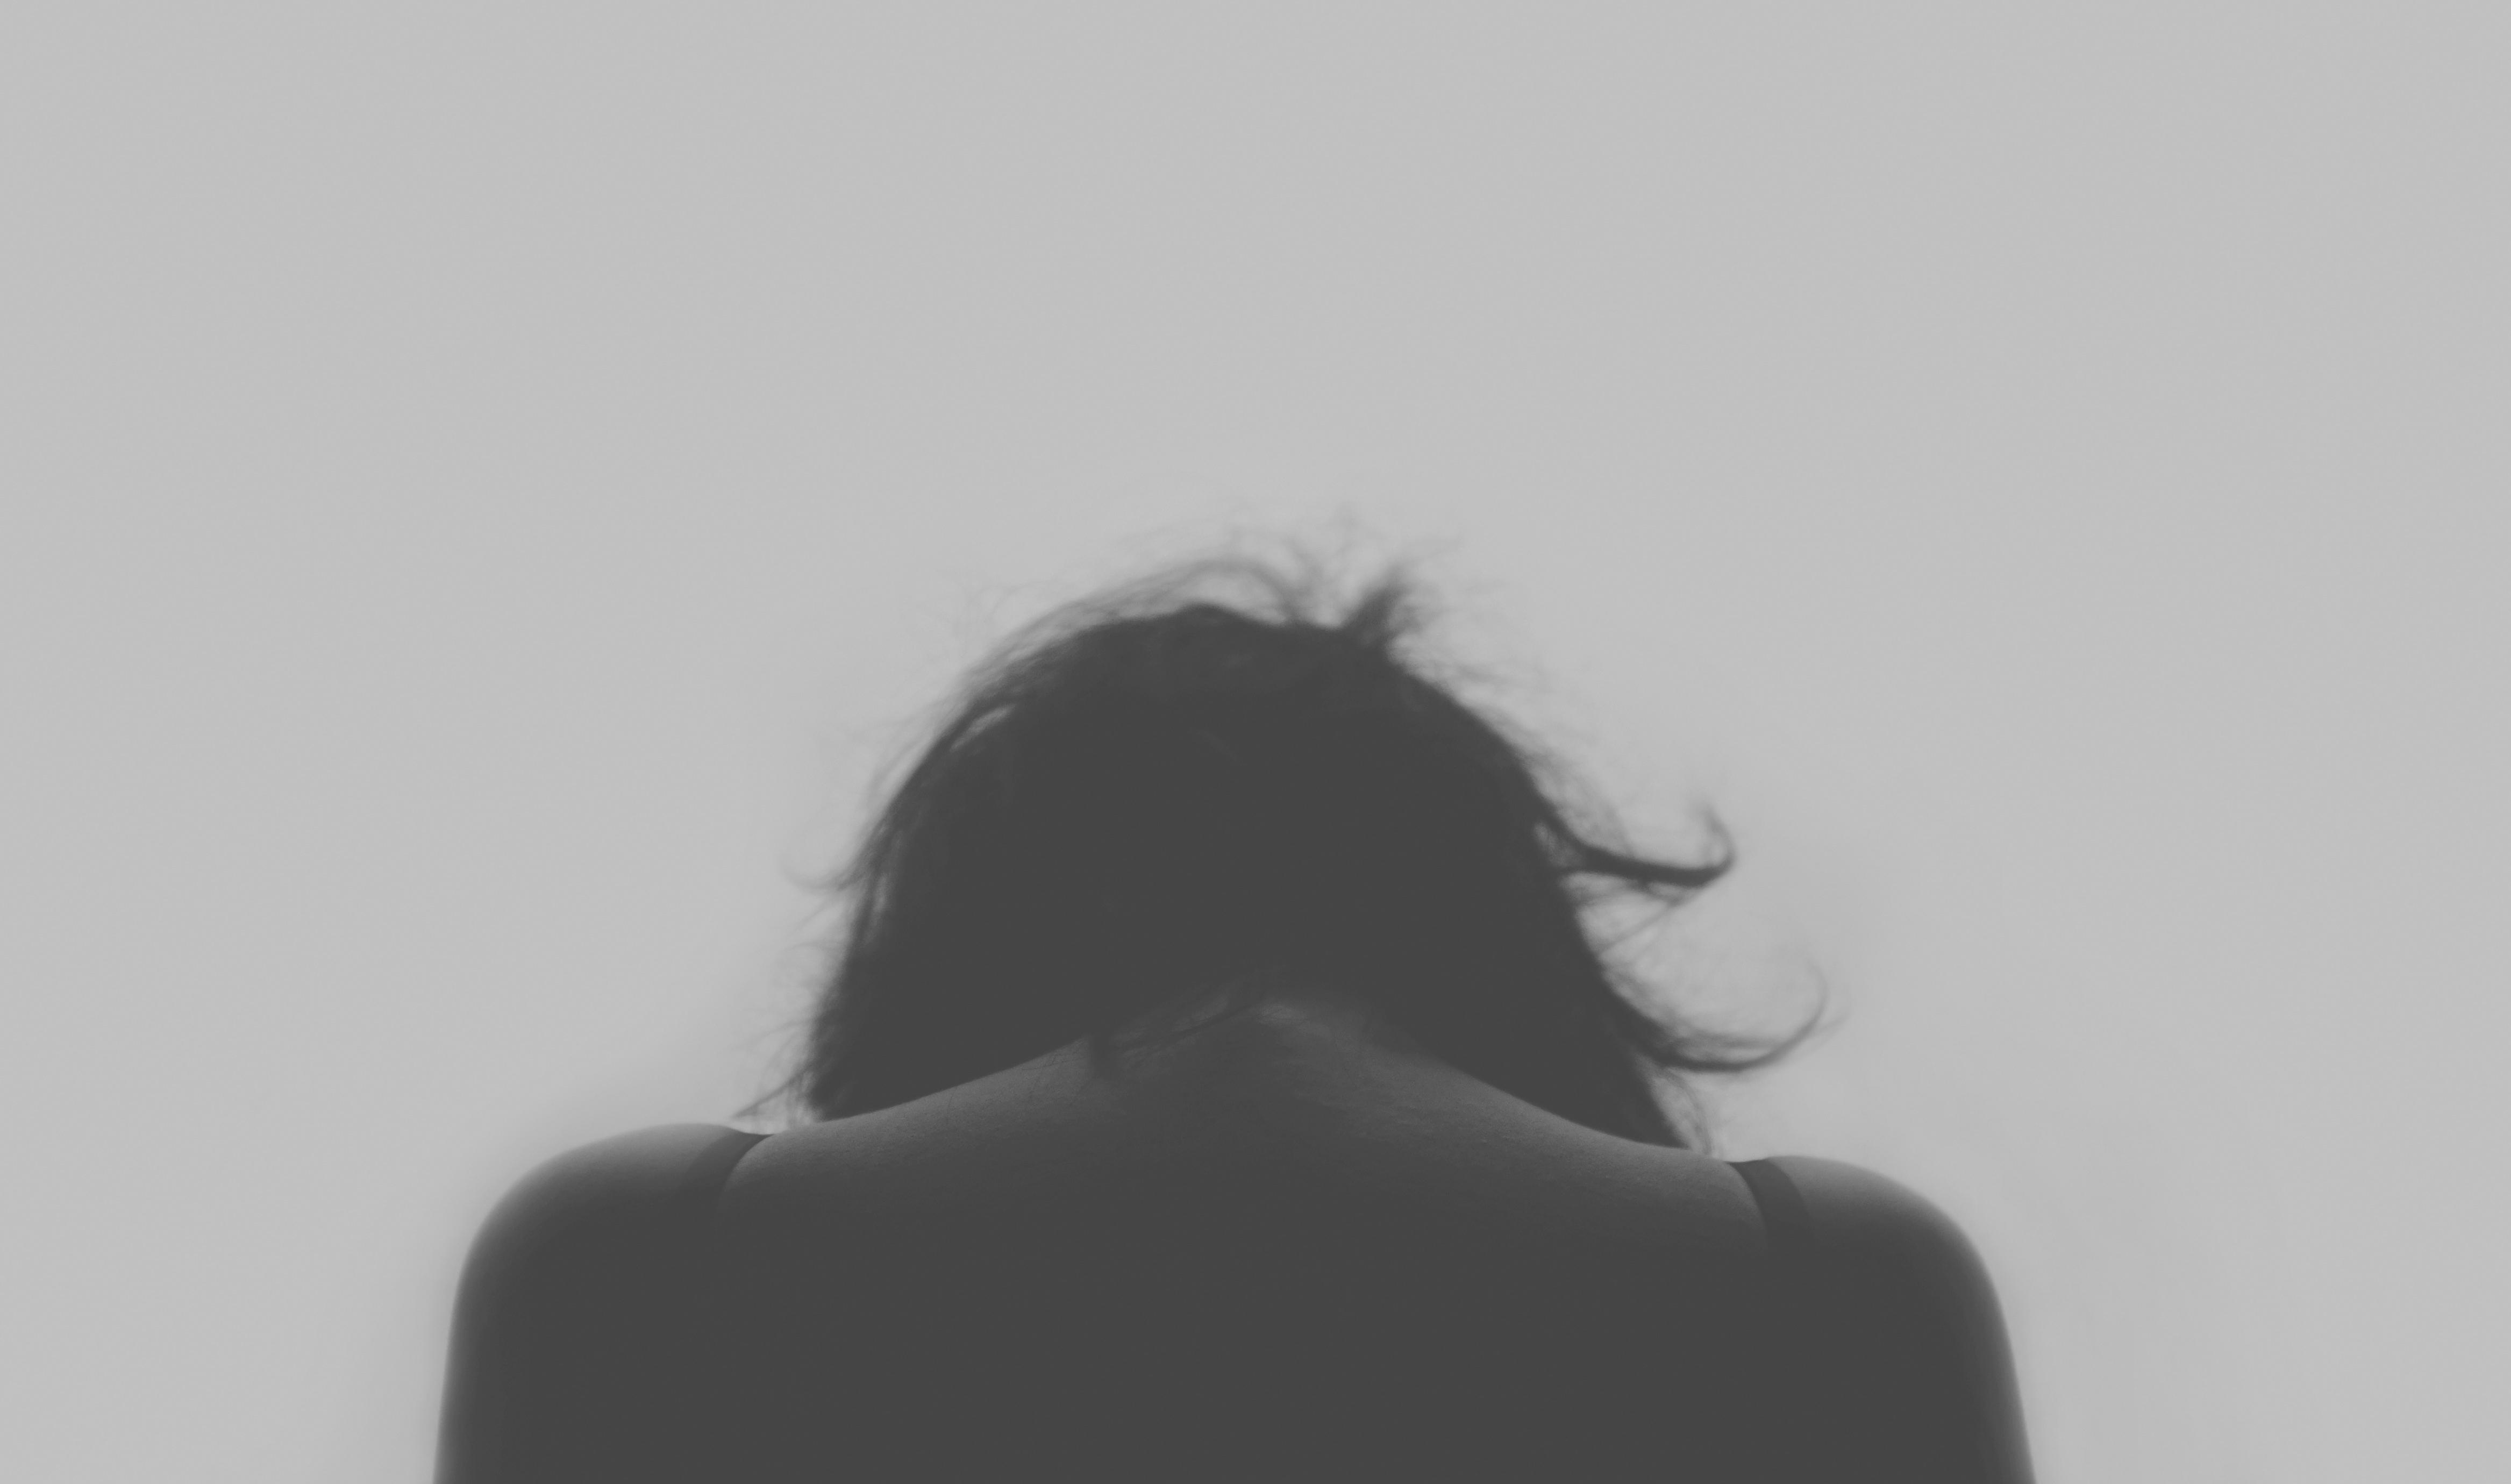 Musik und Geistige Gesundheit: Wenn der Traumjob zum Albtraum wird